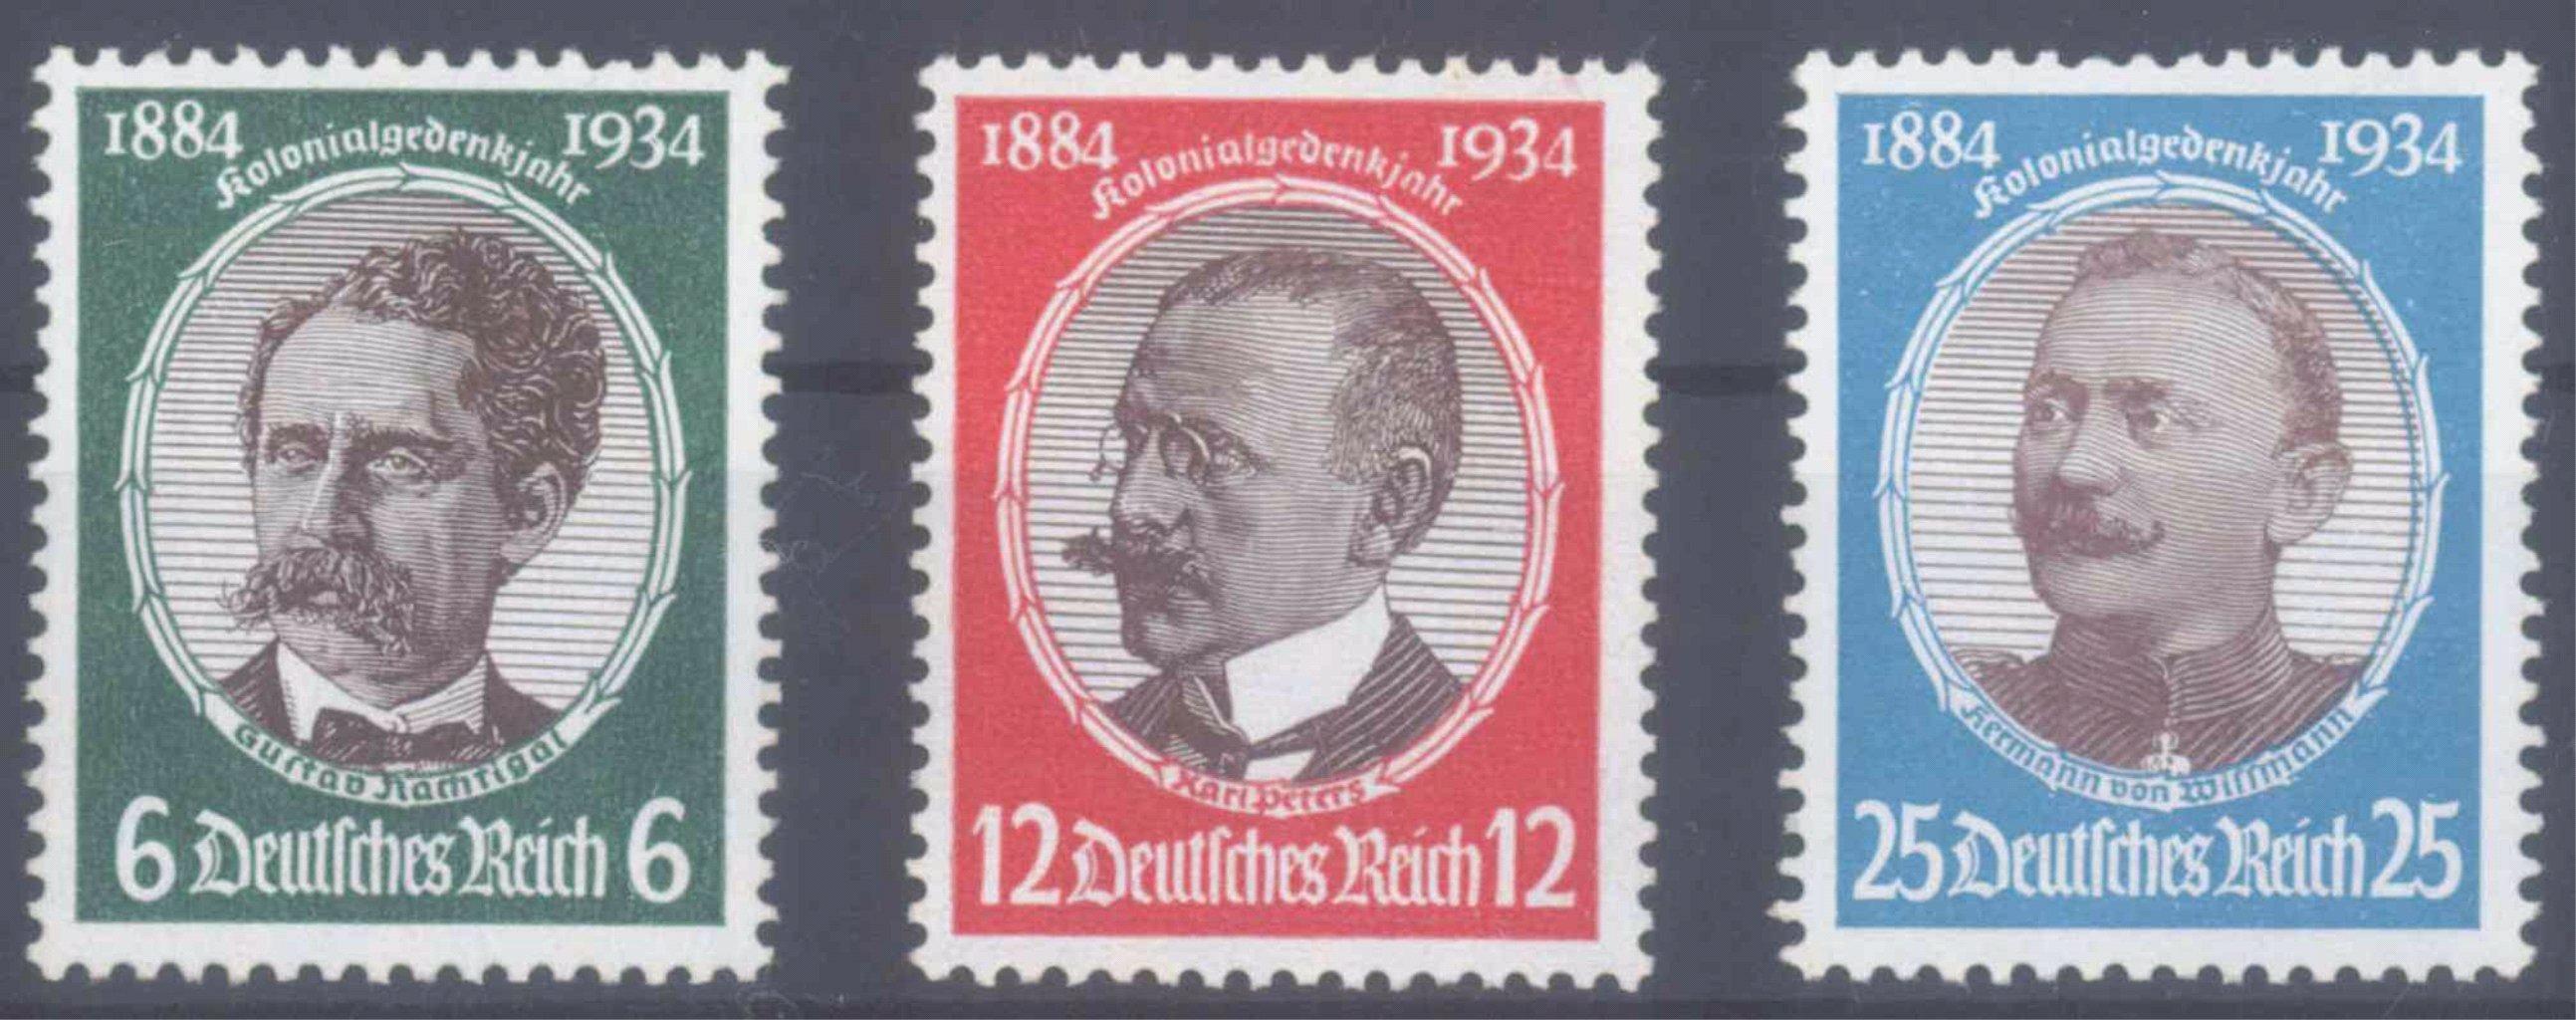 1934 III. REICH, Kolonialforscher